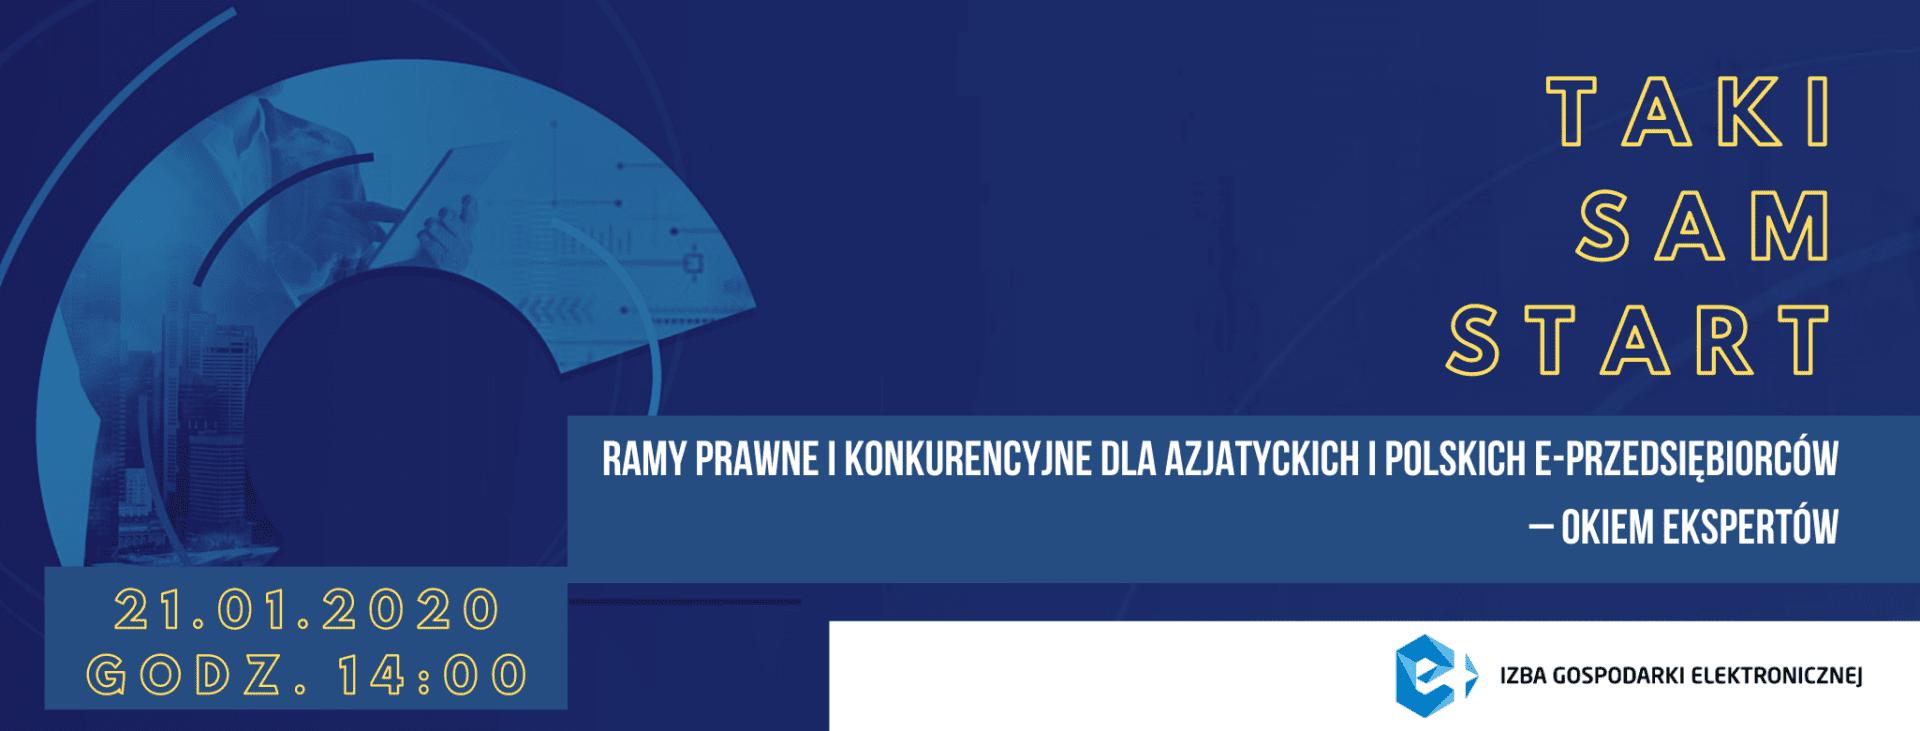 """e-Izba Round Table """"Taki sam start –  równe ramy prawne i konkurencyjne dla azjatyckich i polskich e-przedsiębiorców"""""""